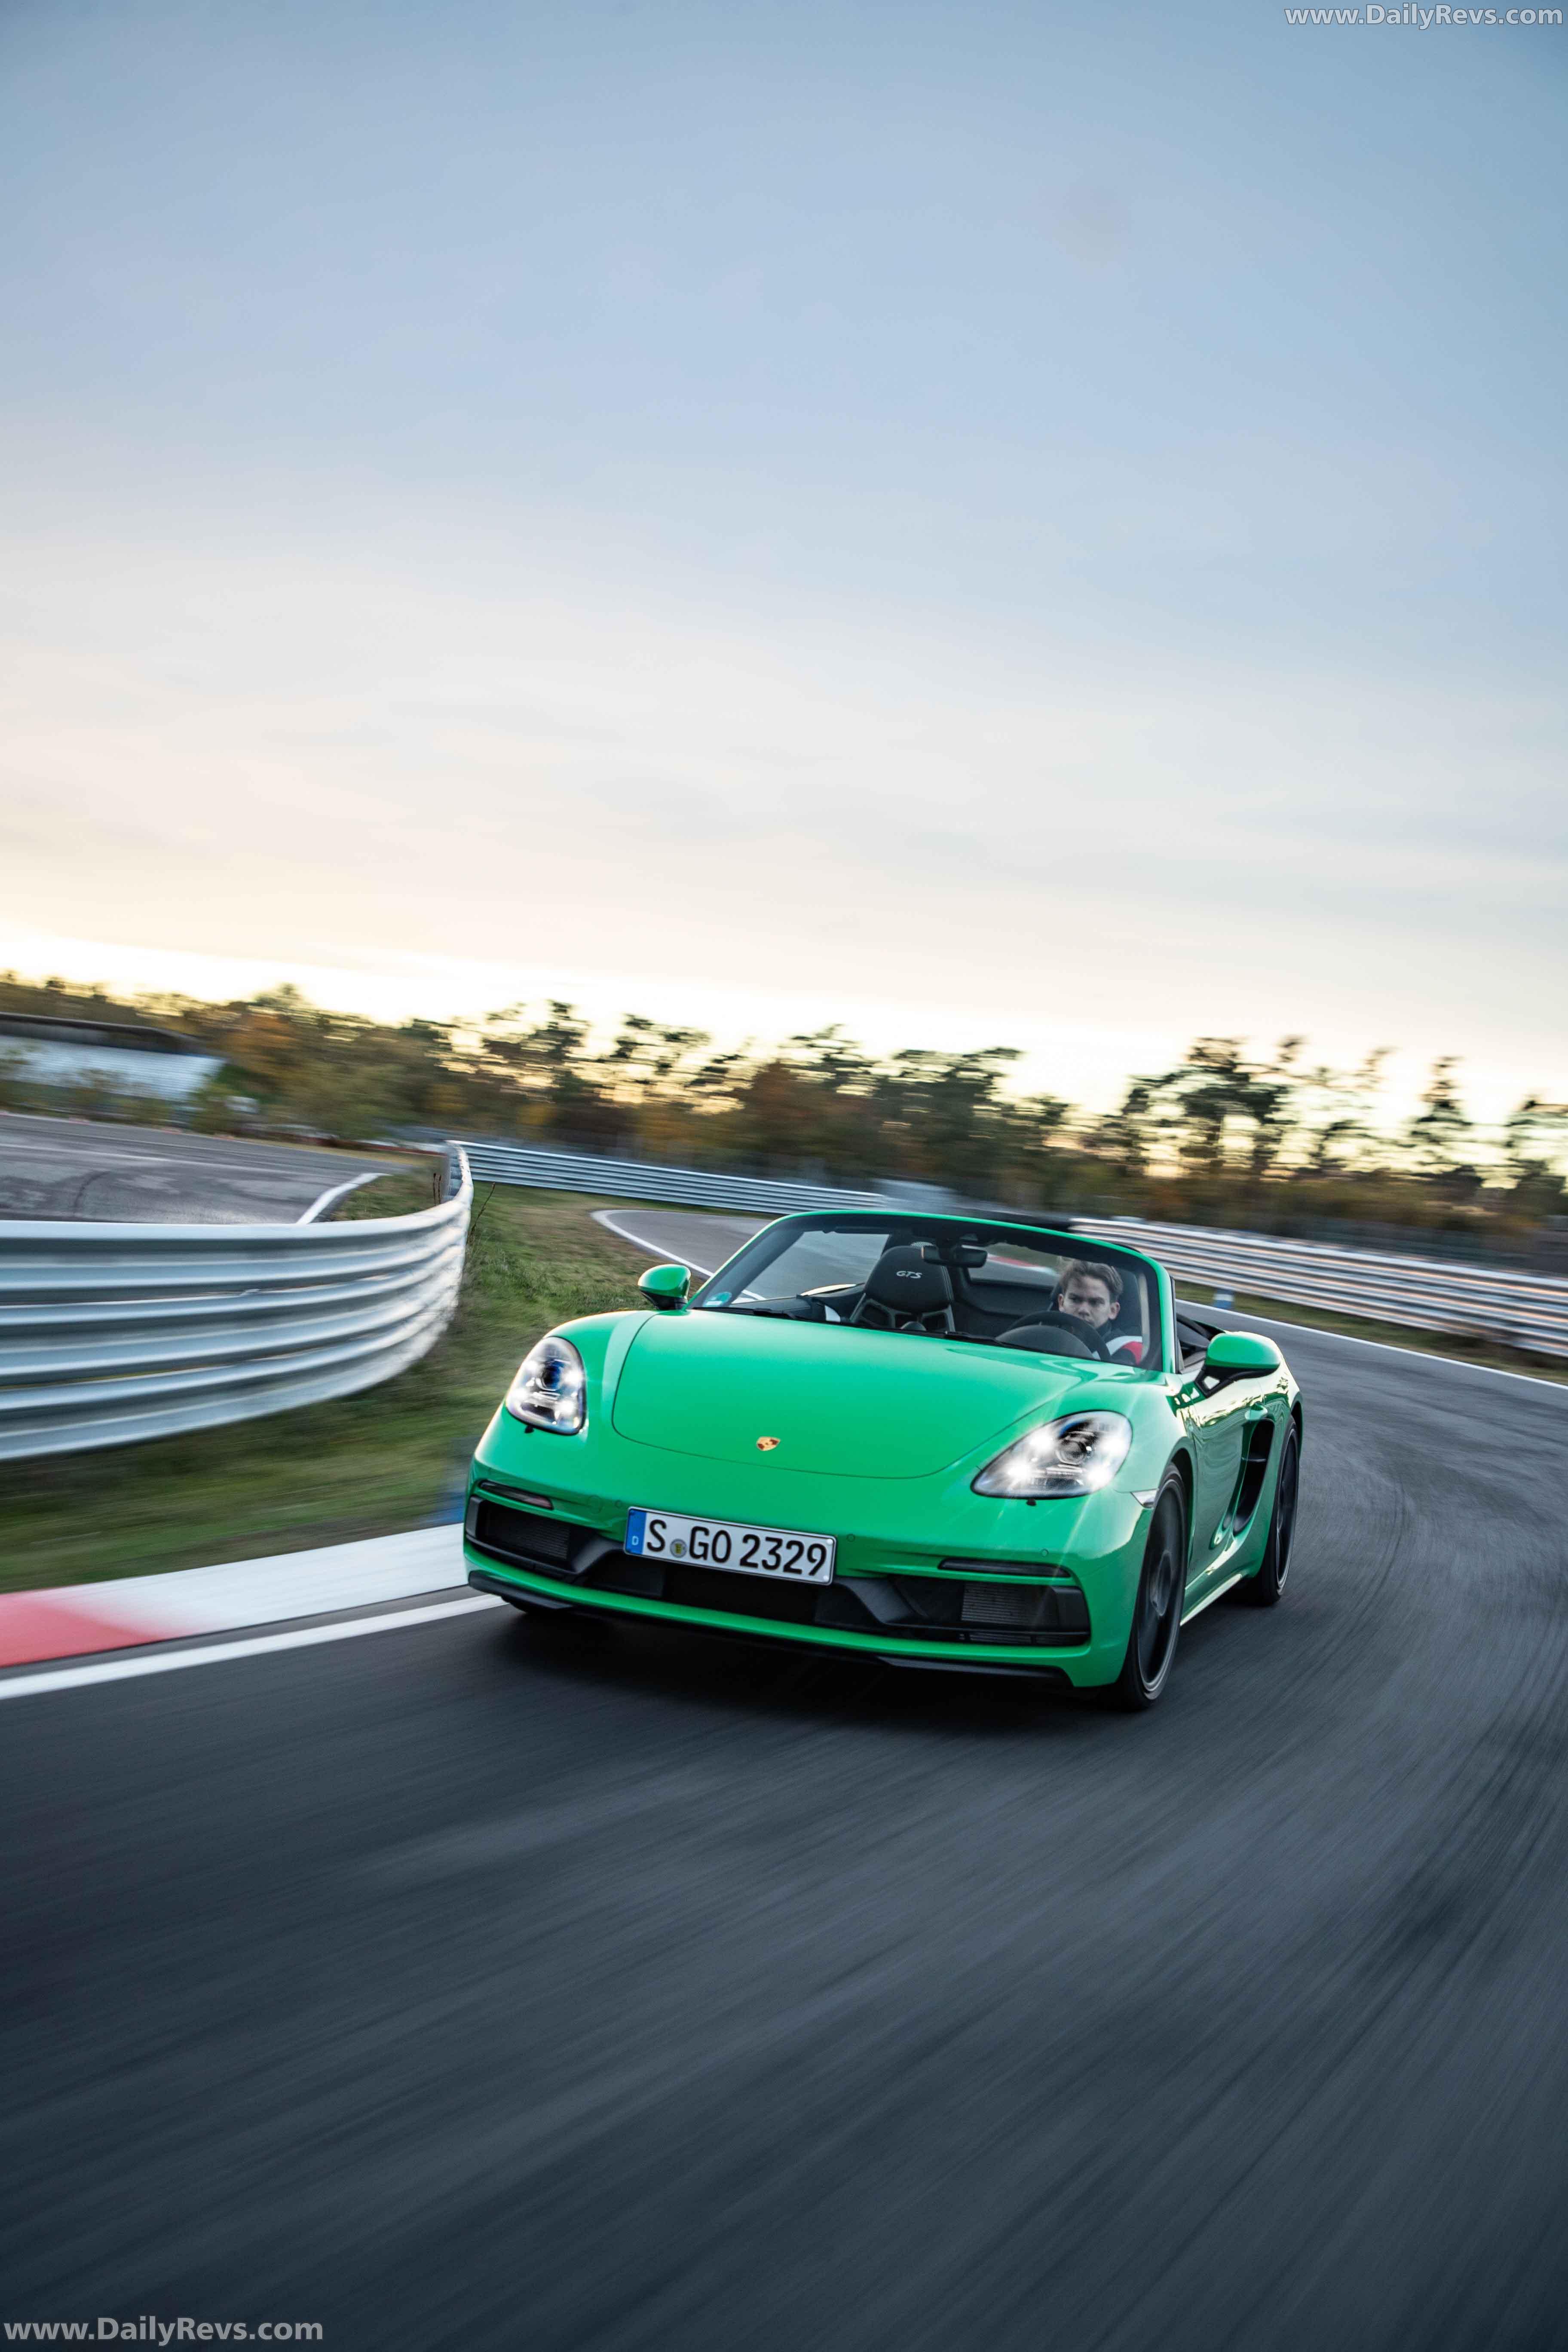 2020 Porsche 718 Boxster GTS 4.0-Python Green - Dailyrevs